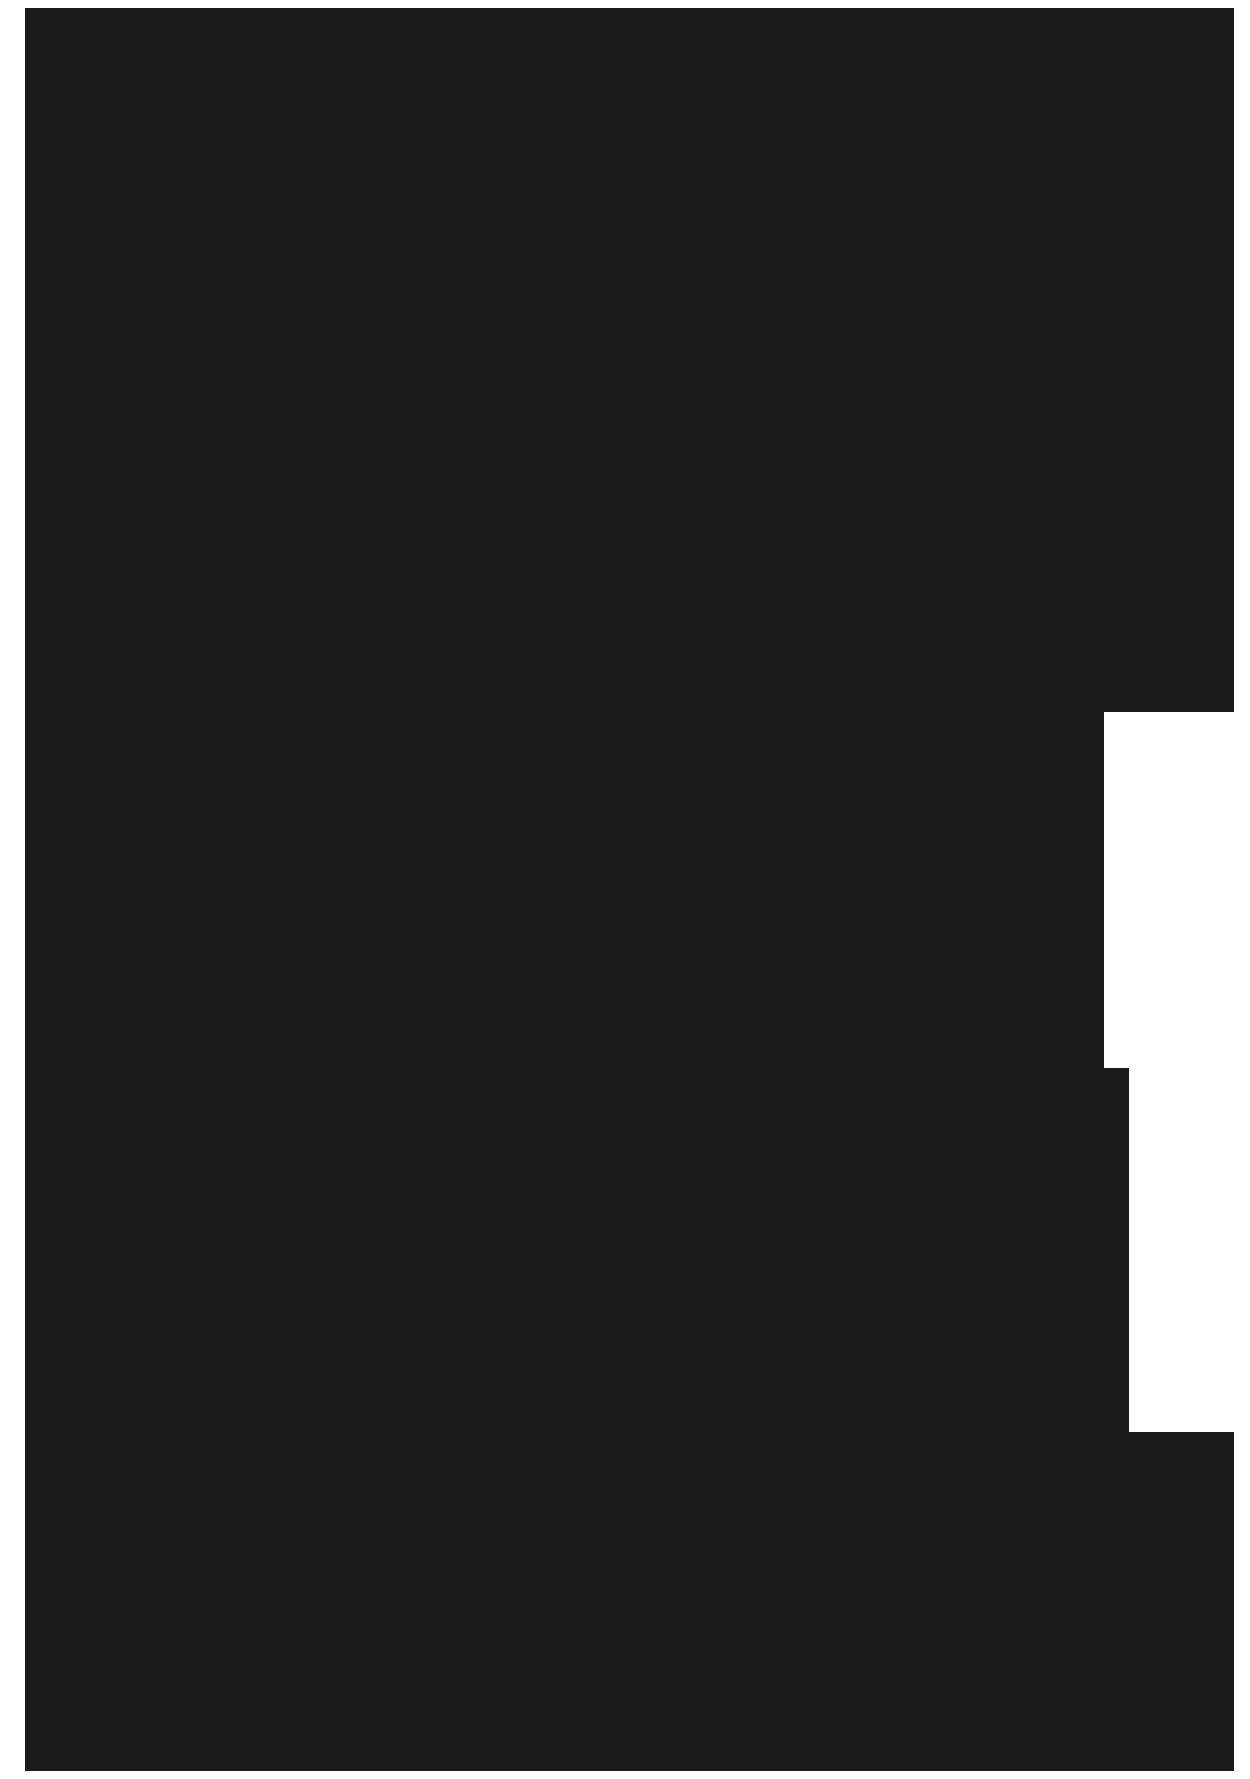 CL_Art_Manifesto_v4.png